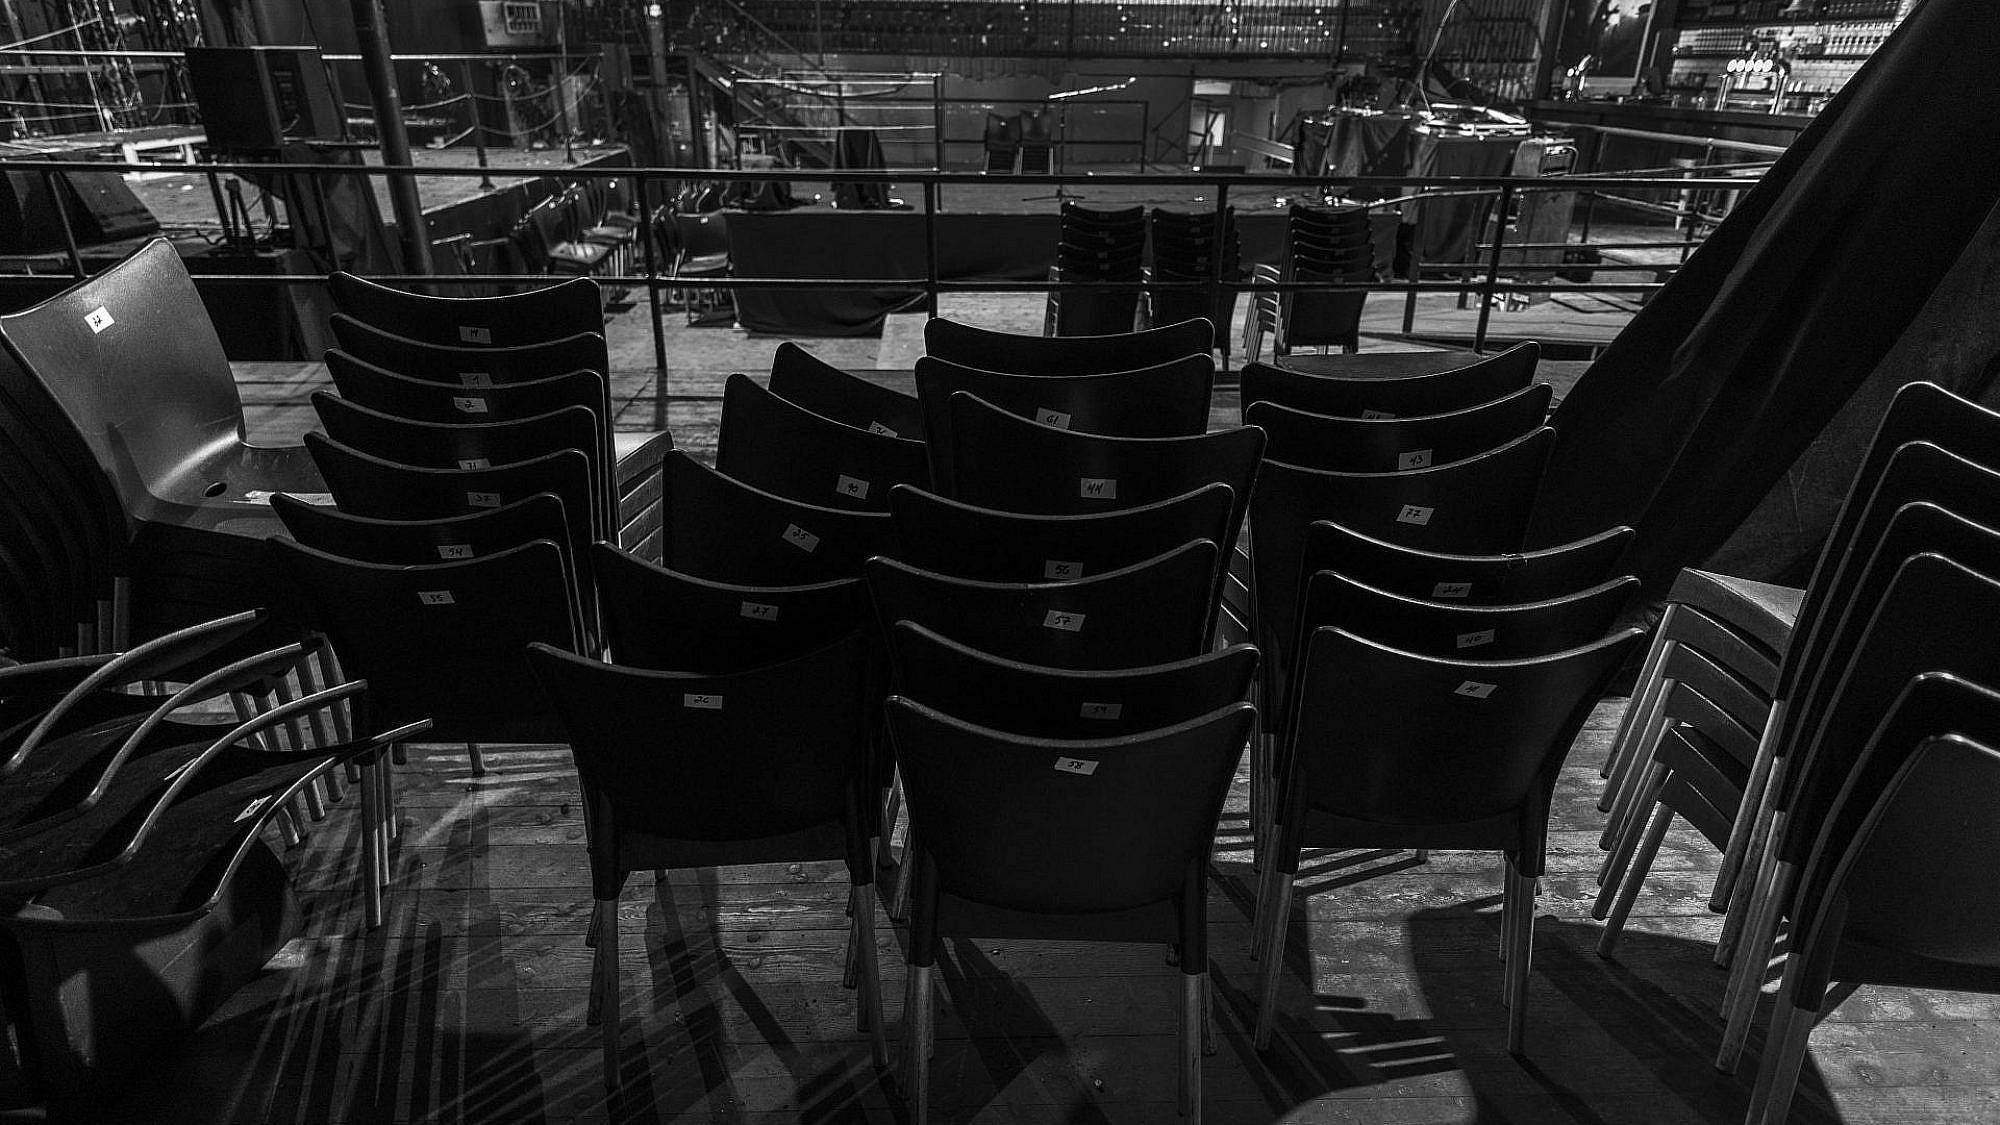 אולם ומלואו. הבארבי בקורונה (צילום: איליה מלניקוב)